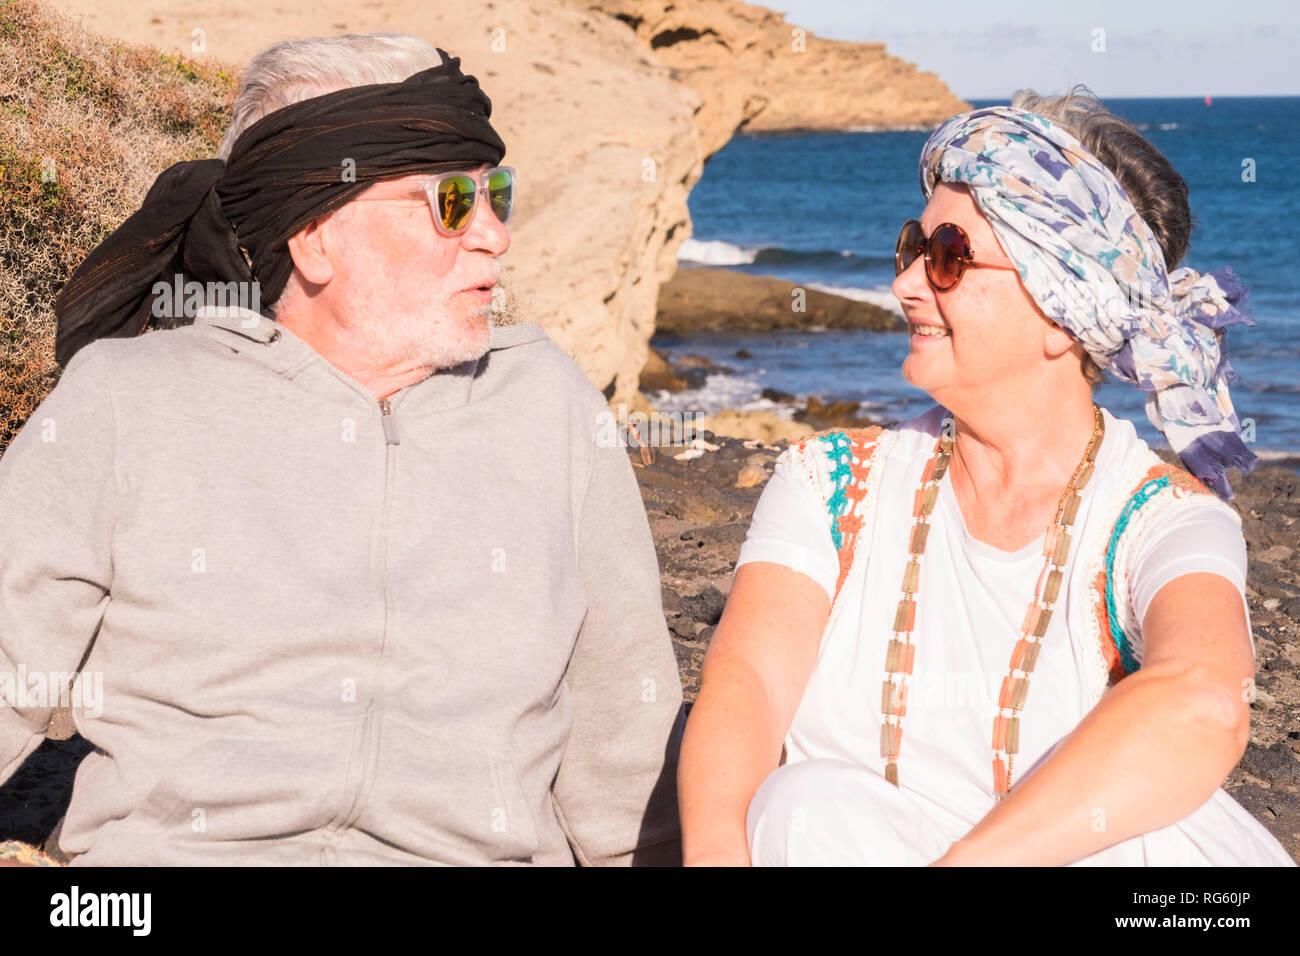 Coppia caucasica persone mature per godersi il sole e il giorno di ferie con  vestiti colorati a283a552f658